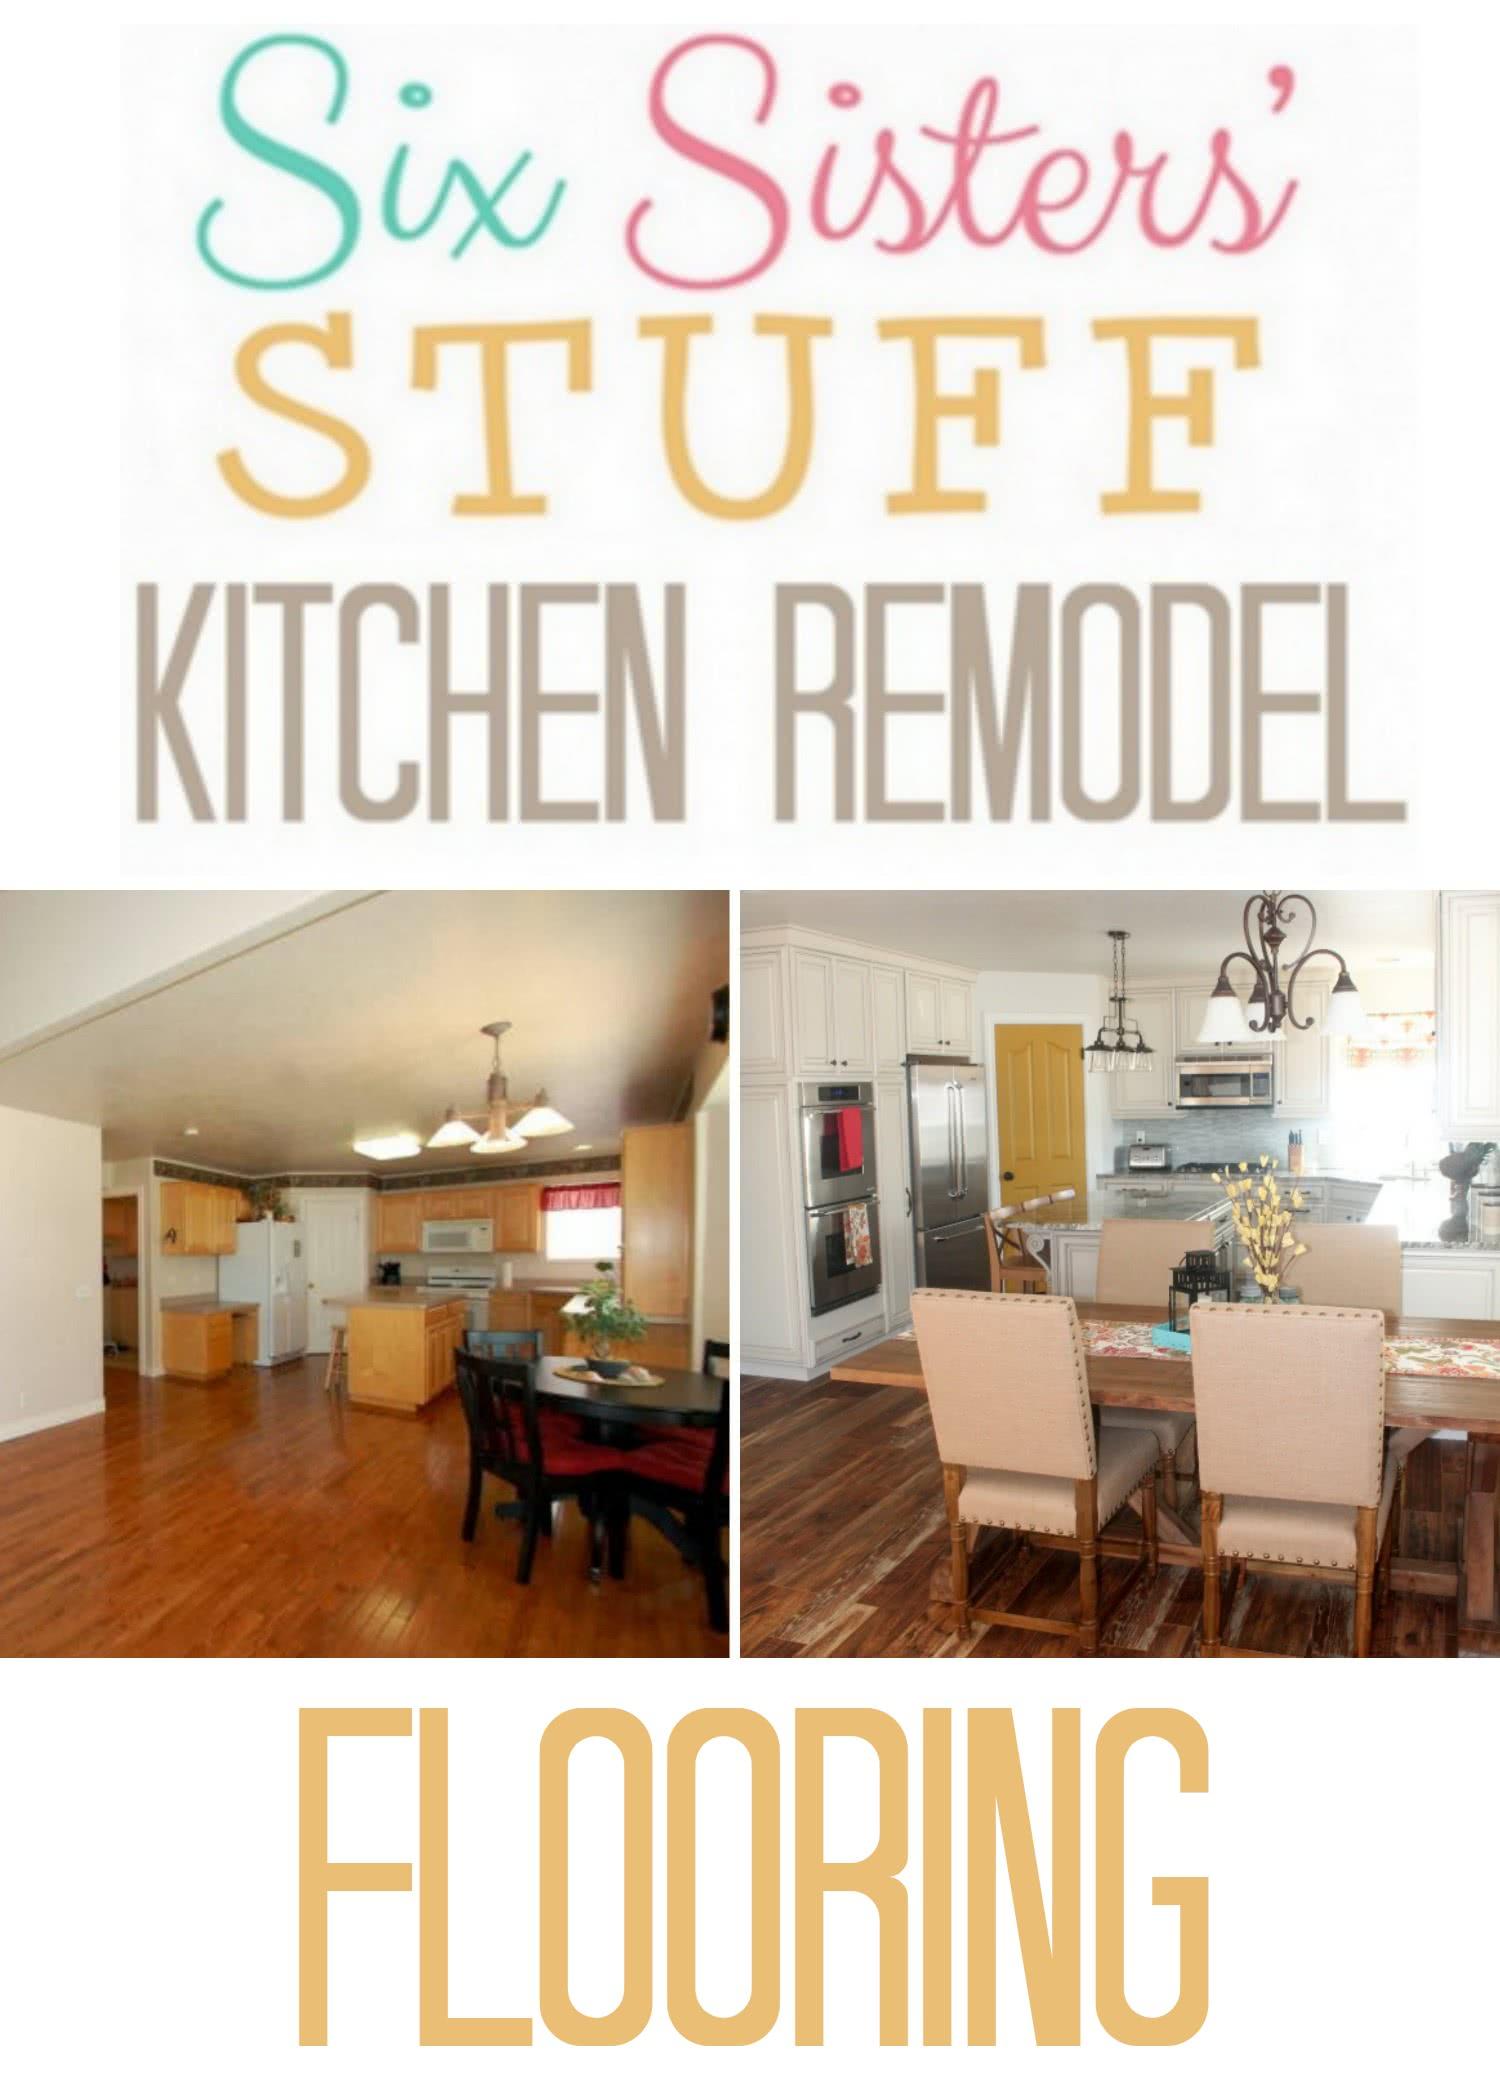 six-sisters-stuff-kitchen-remodel-flooring.jpg